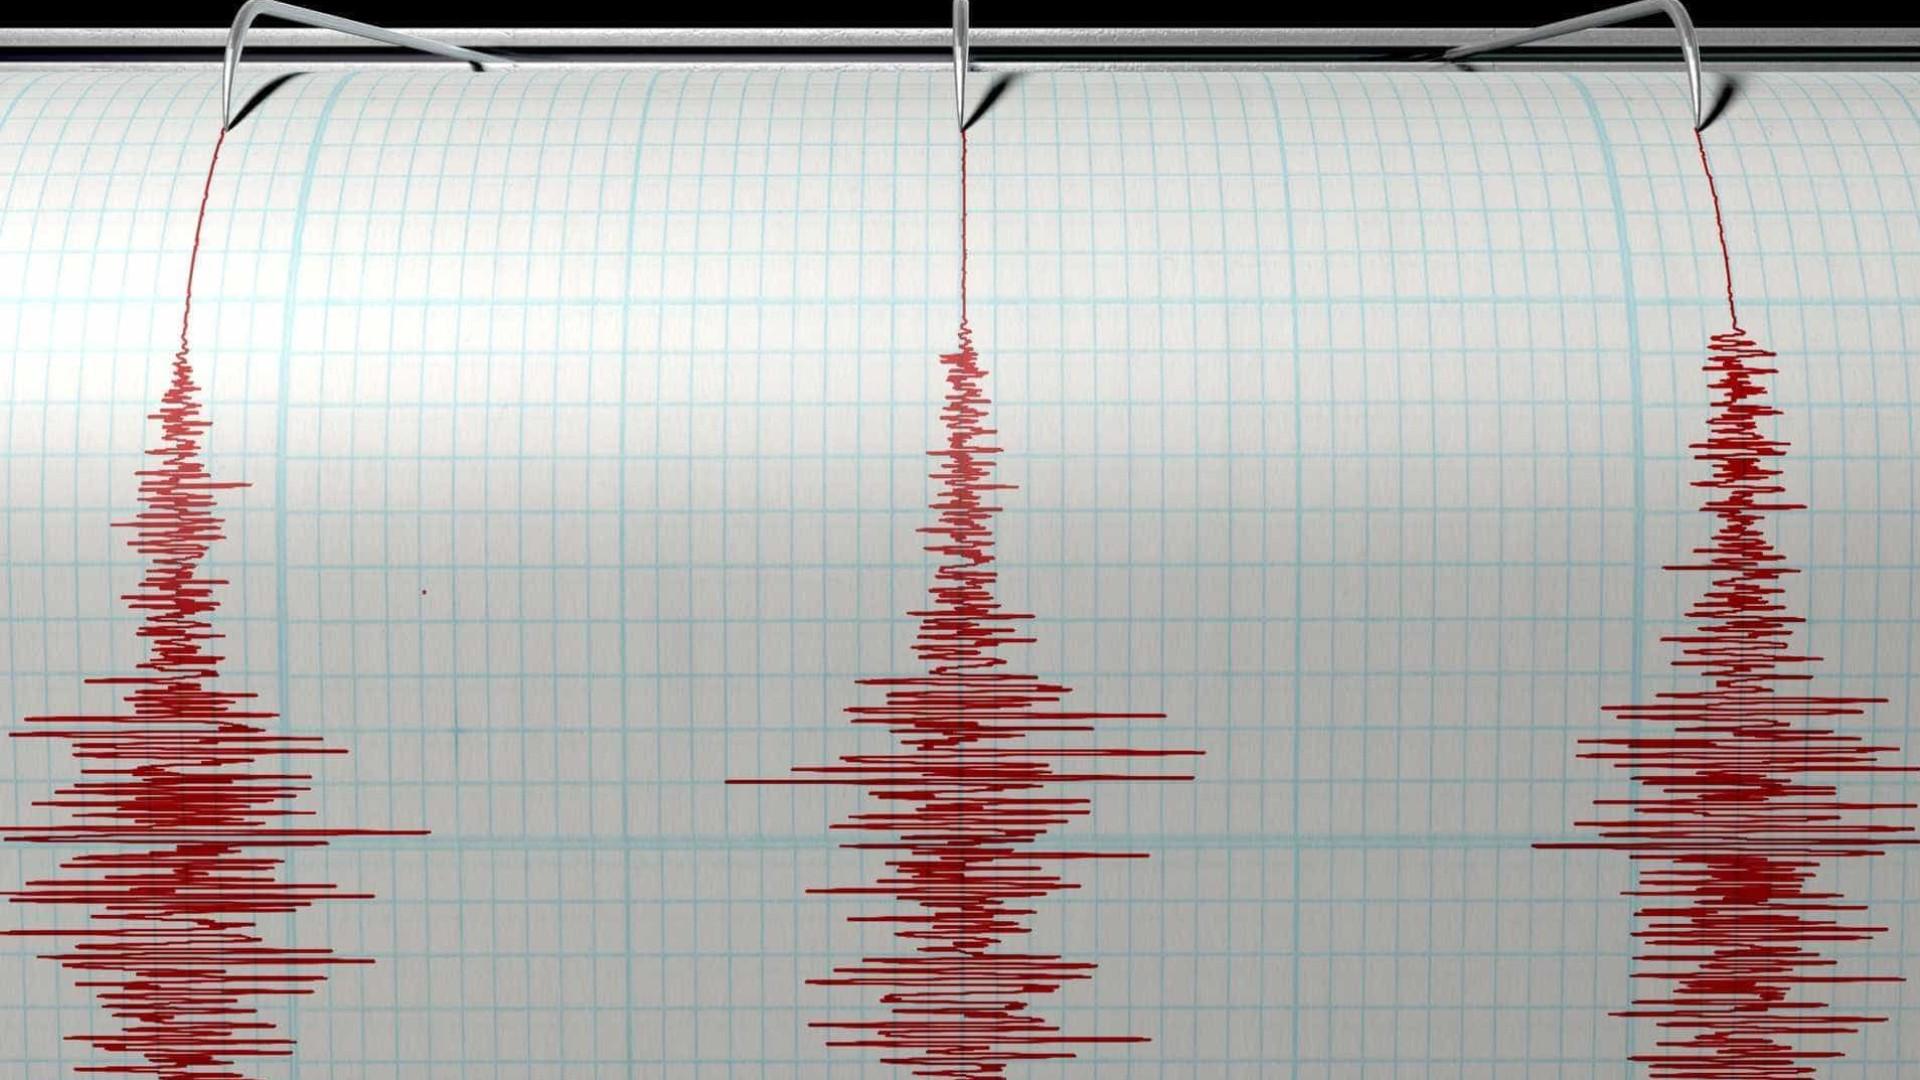 Atividade sísmica continua na Ribeirinha, na ilha do Faial